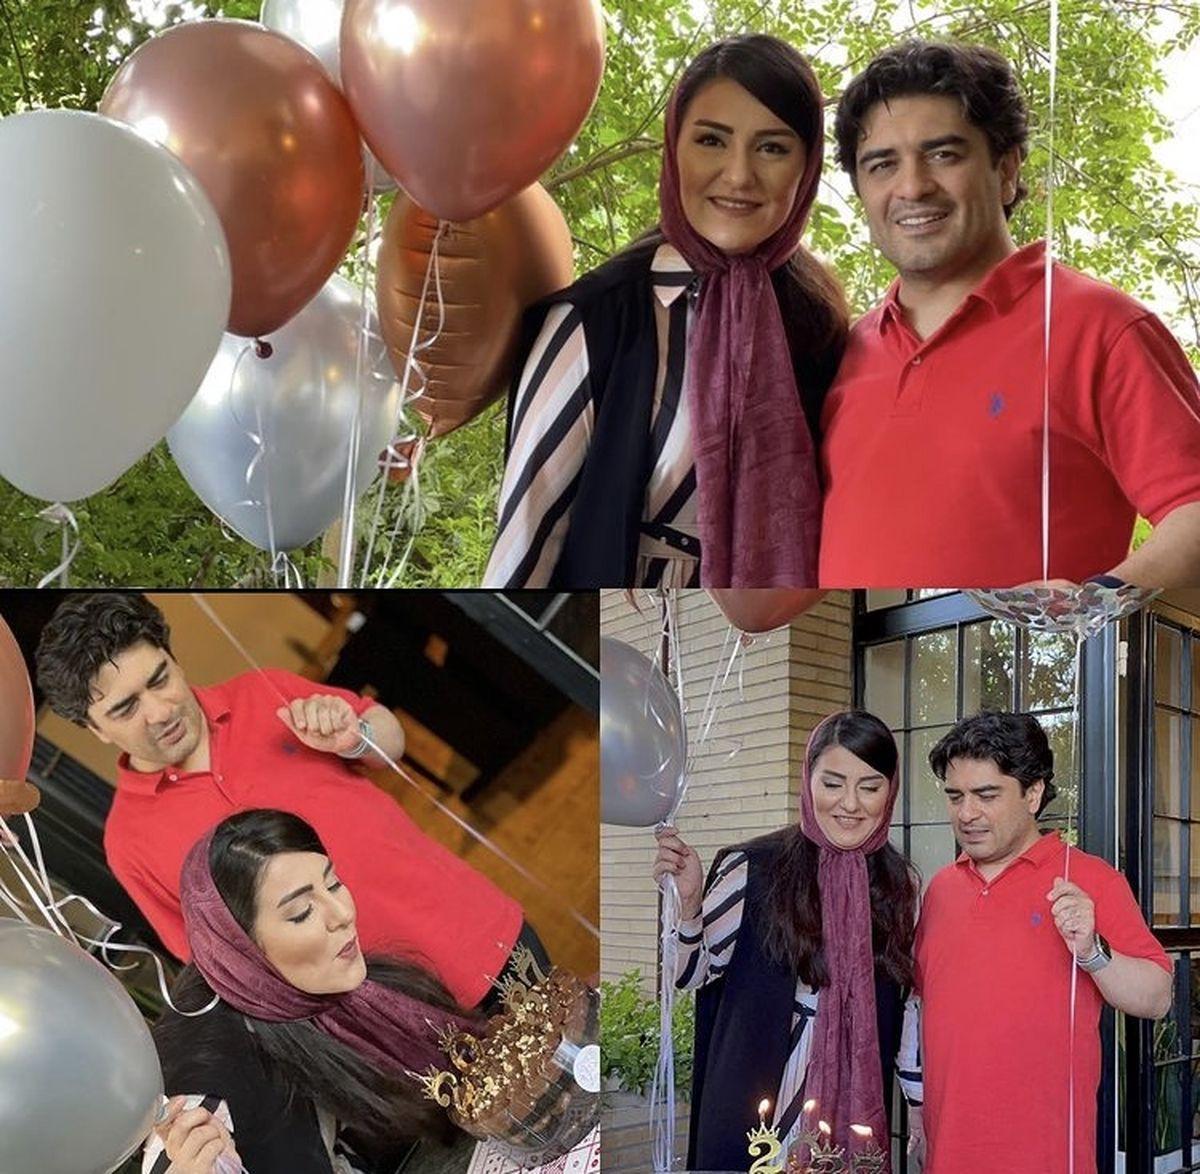 تولد خانگی همسر پیانیست مشهور + عکس